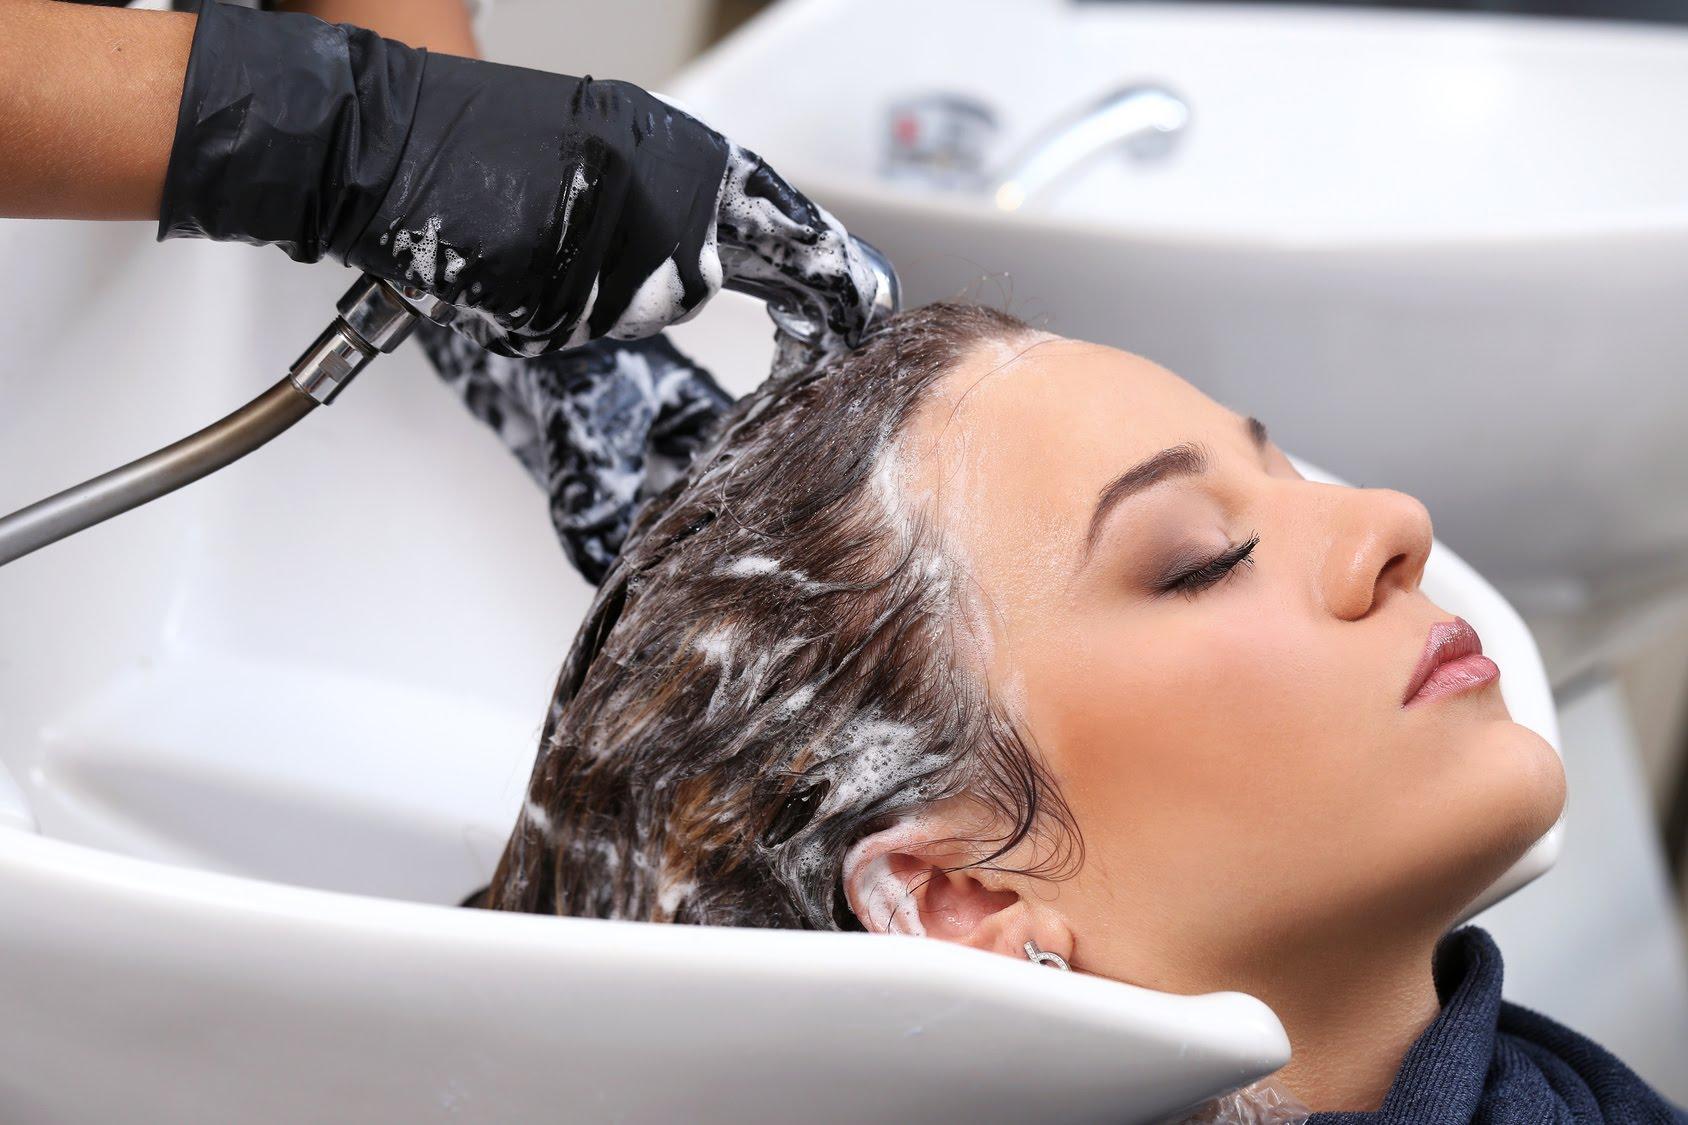 1-go-upotrebuvate-li-vistinskiot-shampon-za-vashata-kosa-www.kafepauza.mk_